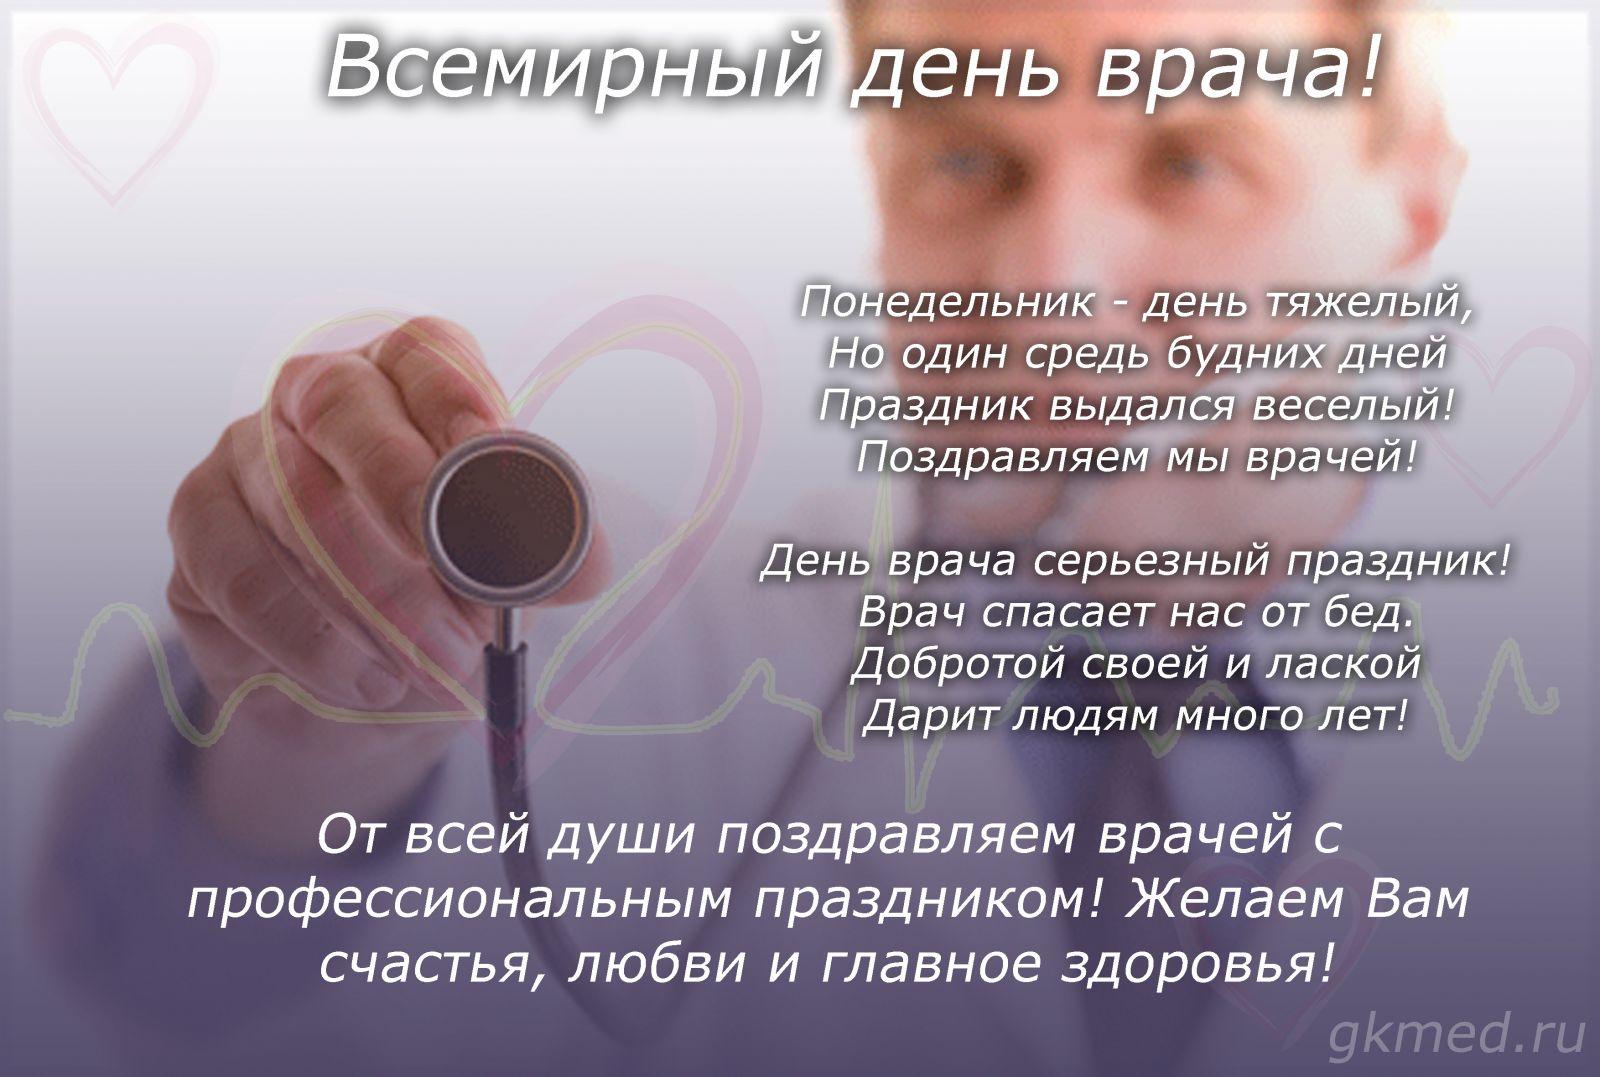 Международный день врача 2018, поздравления с днем врача